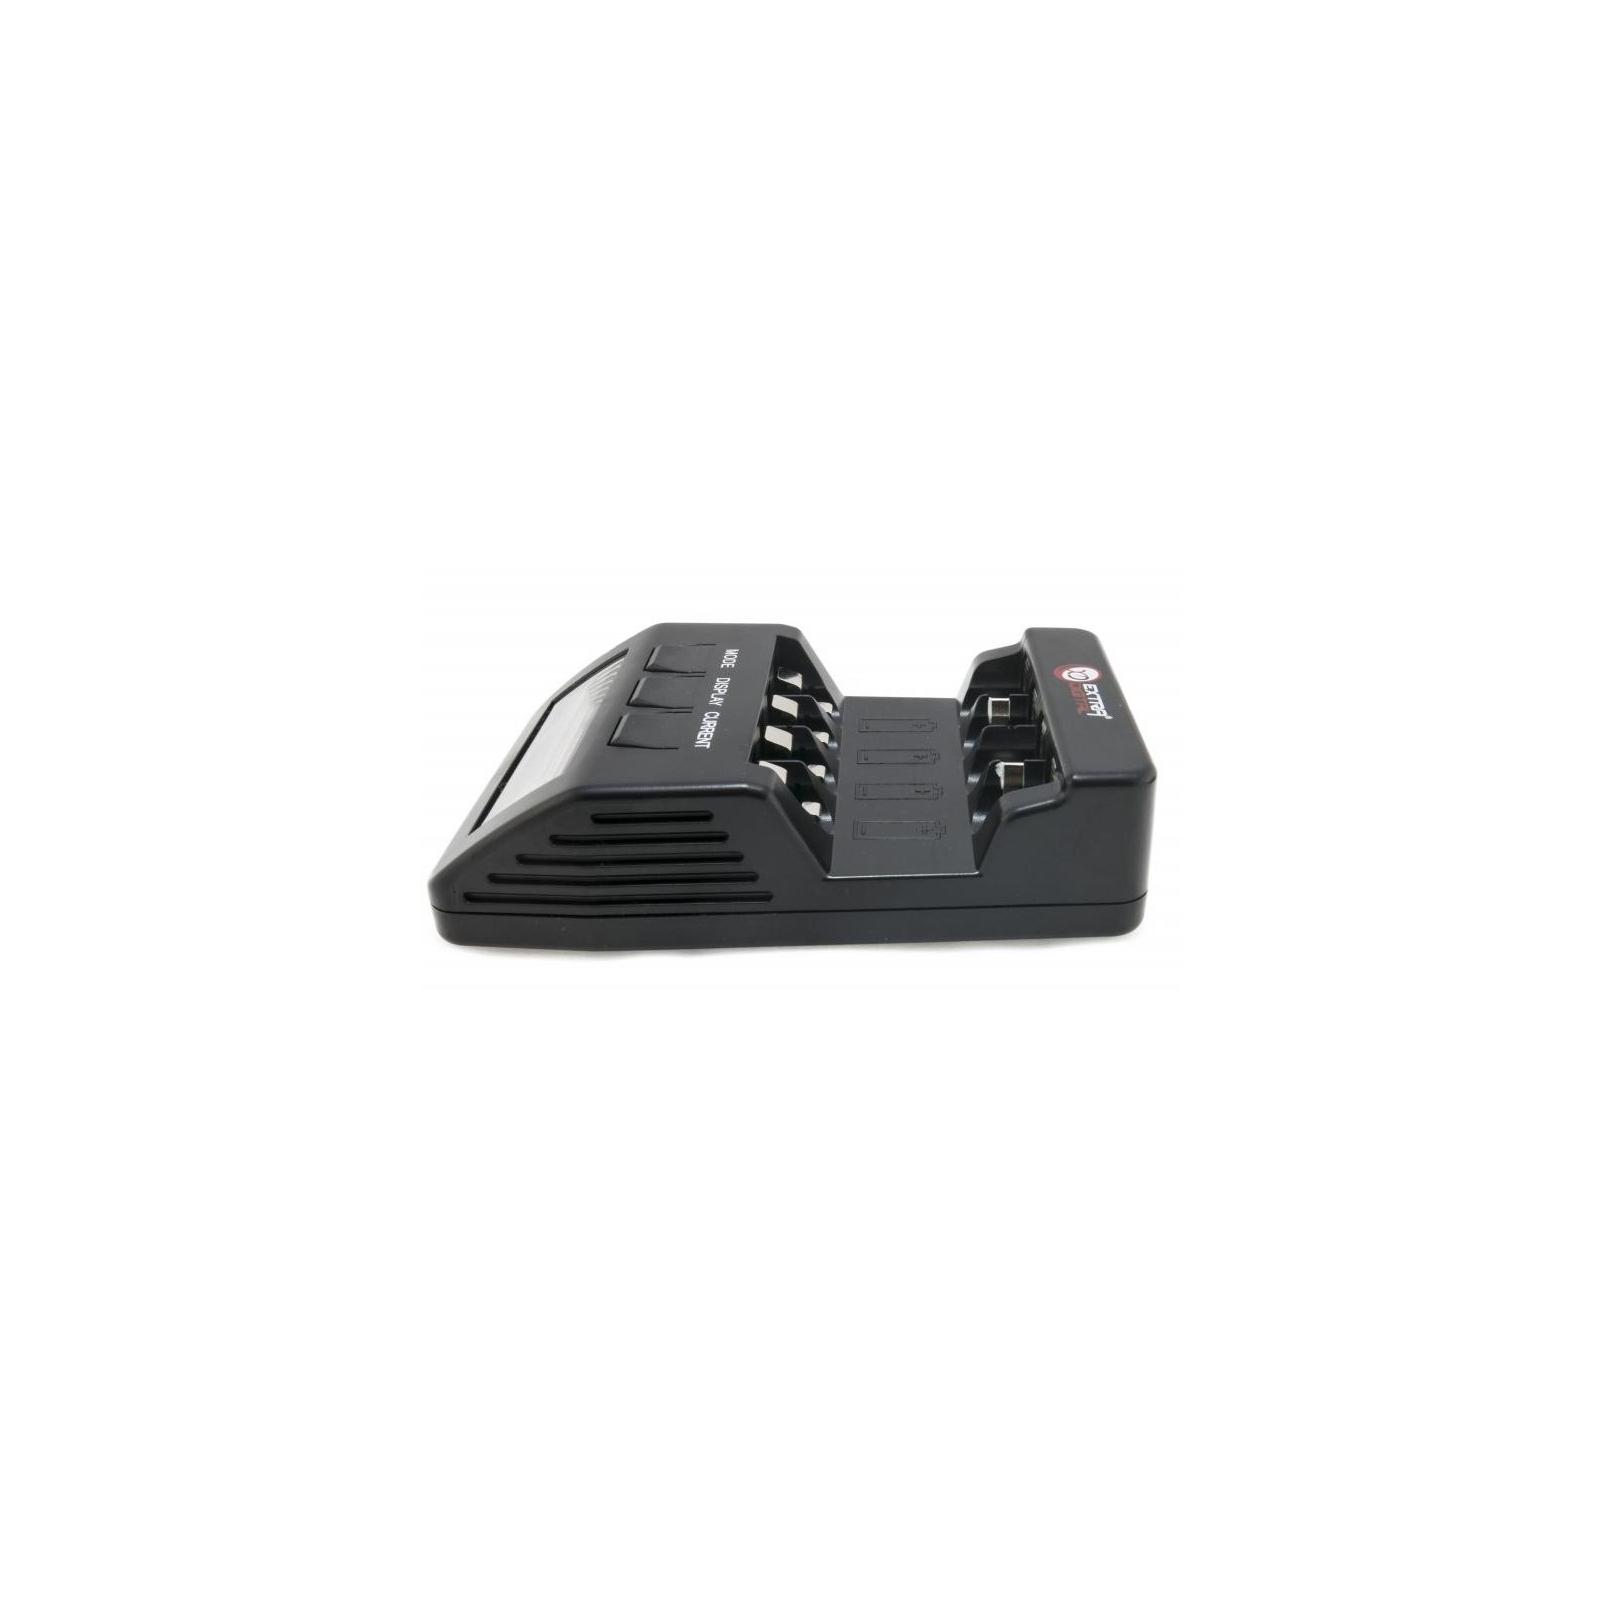 Зарядное устройство для аккумуляторов Extradigital BM110 + 4шт AA 2800 mAh (DV00DV2818) изображение 4